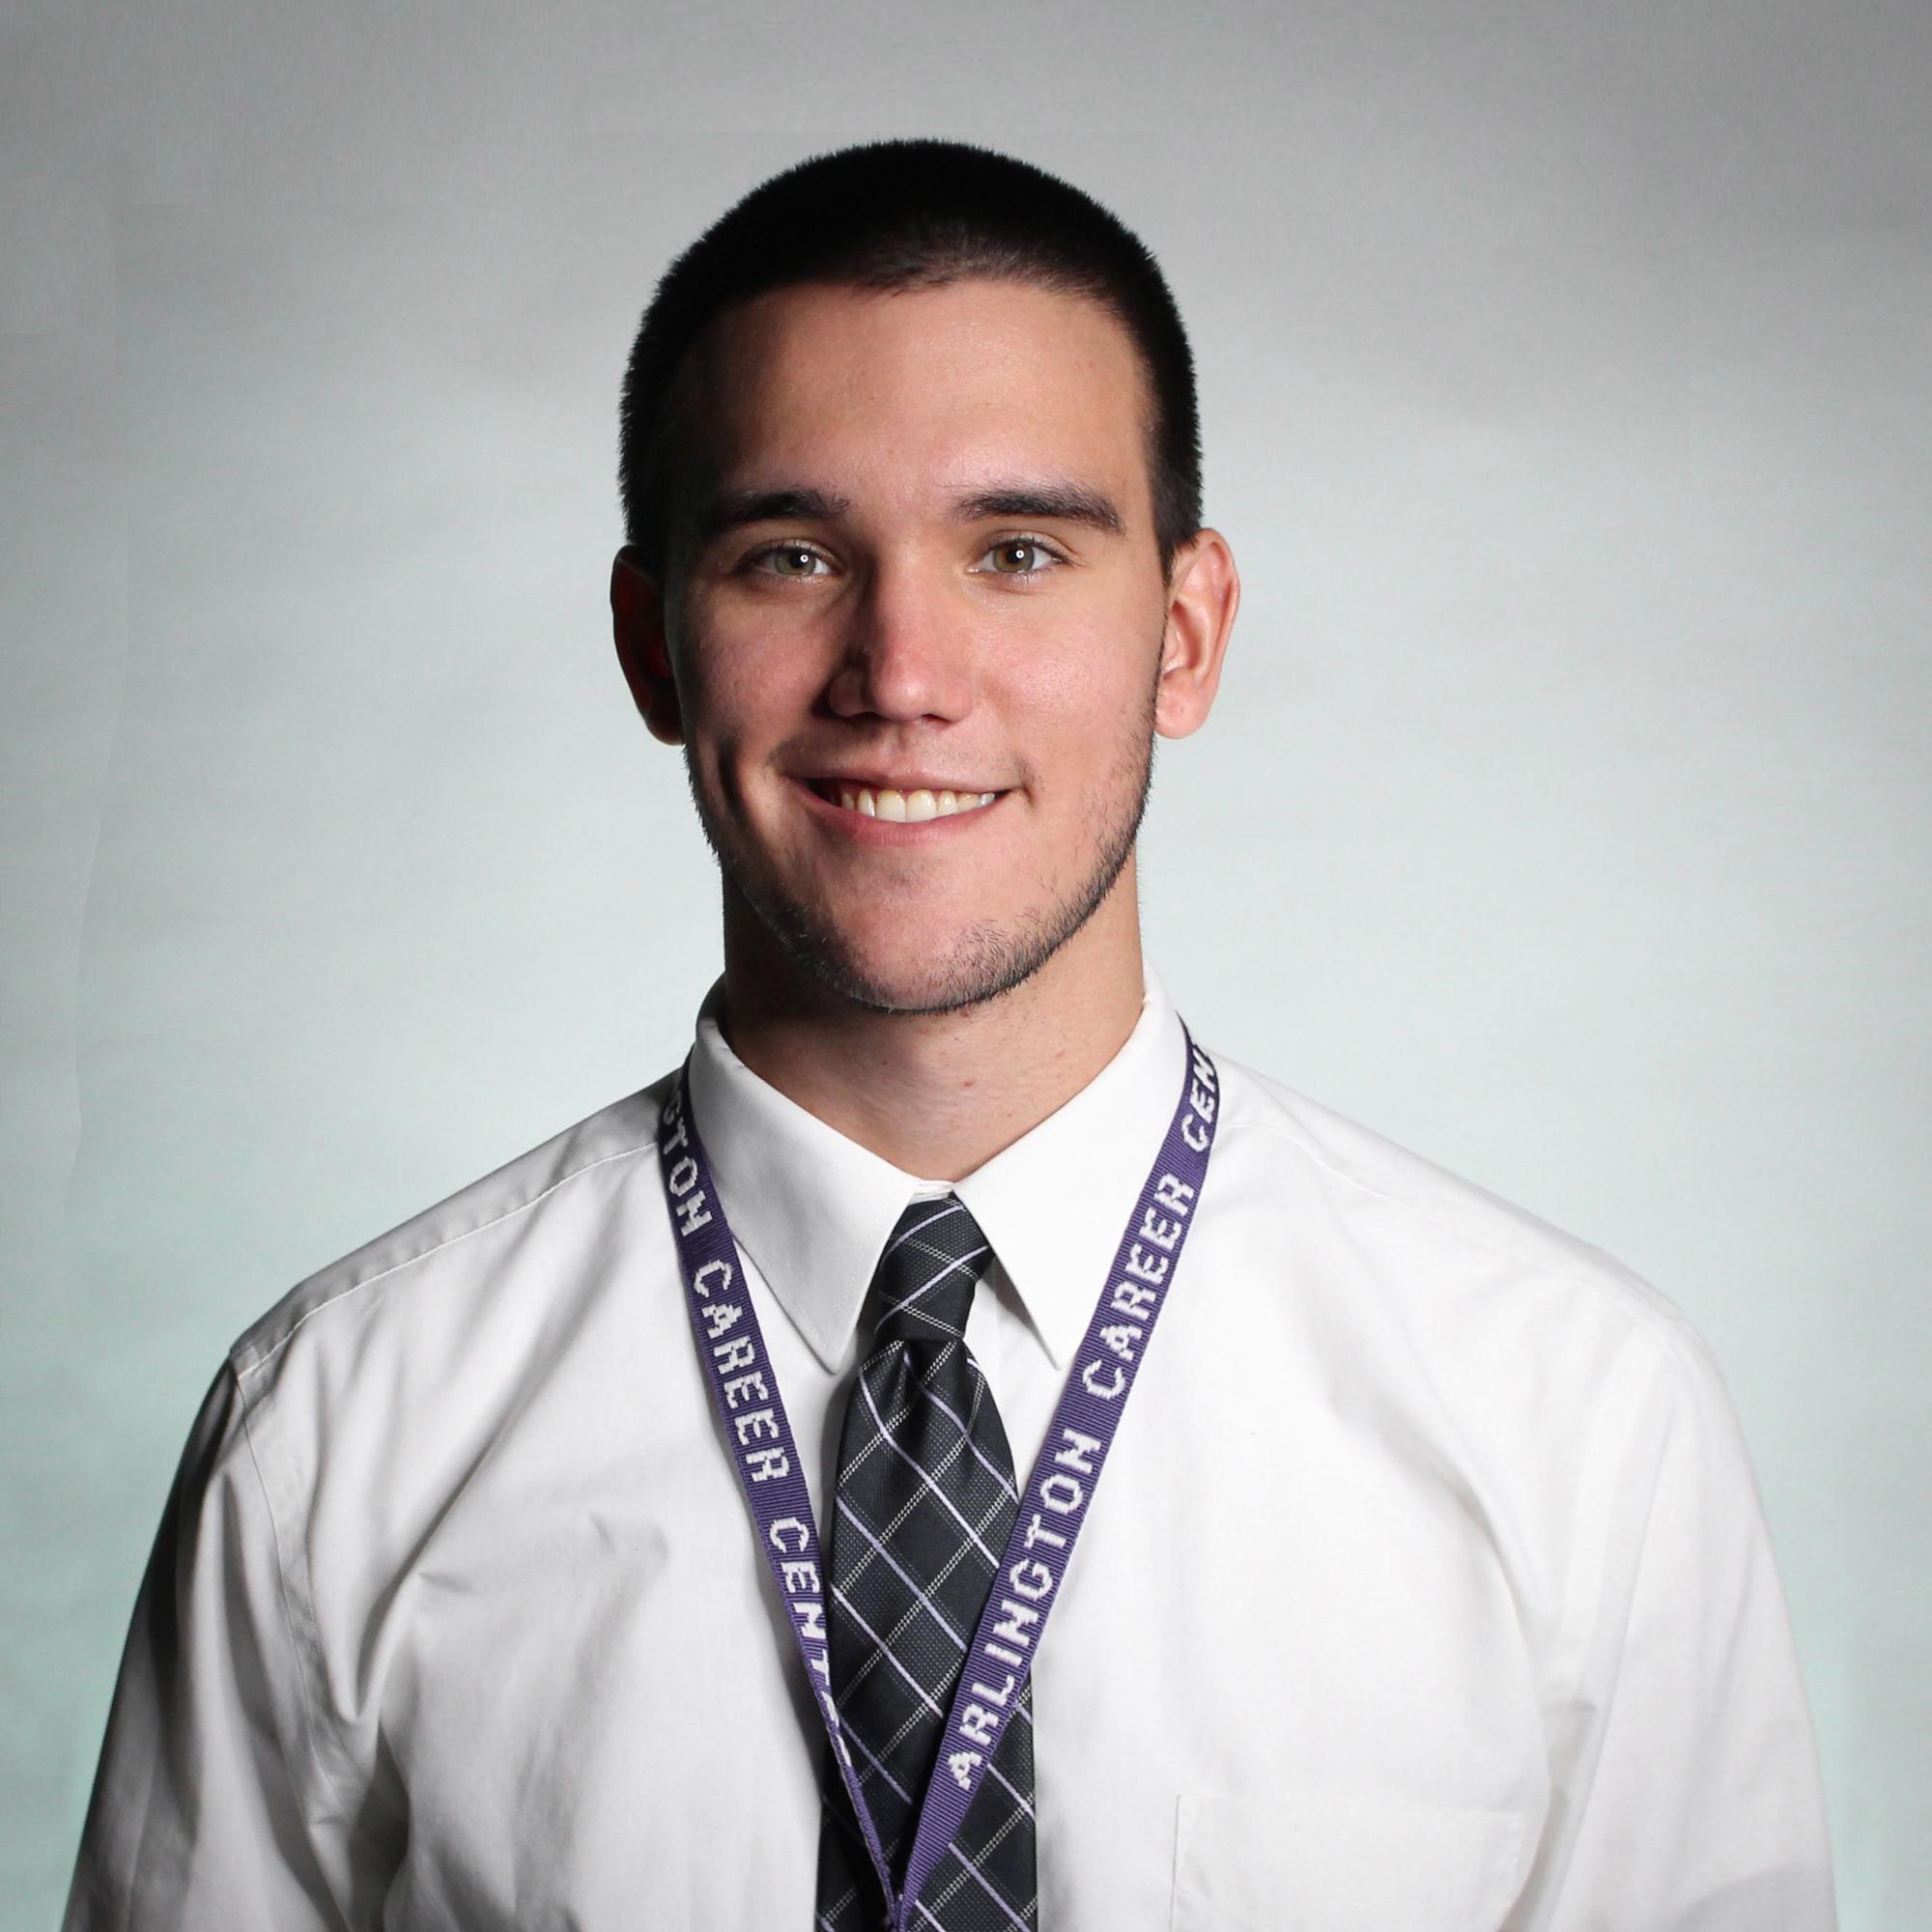 Mr. Trevor Wilcox